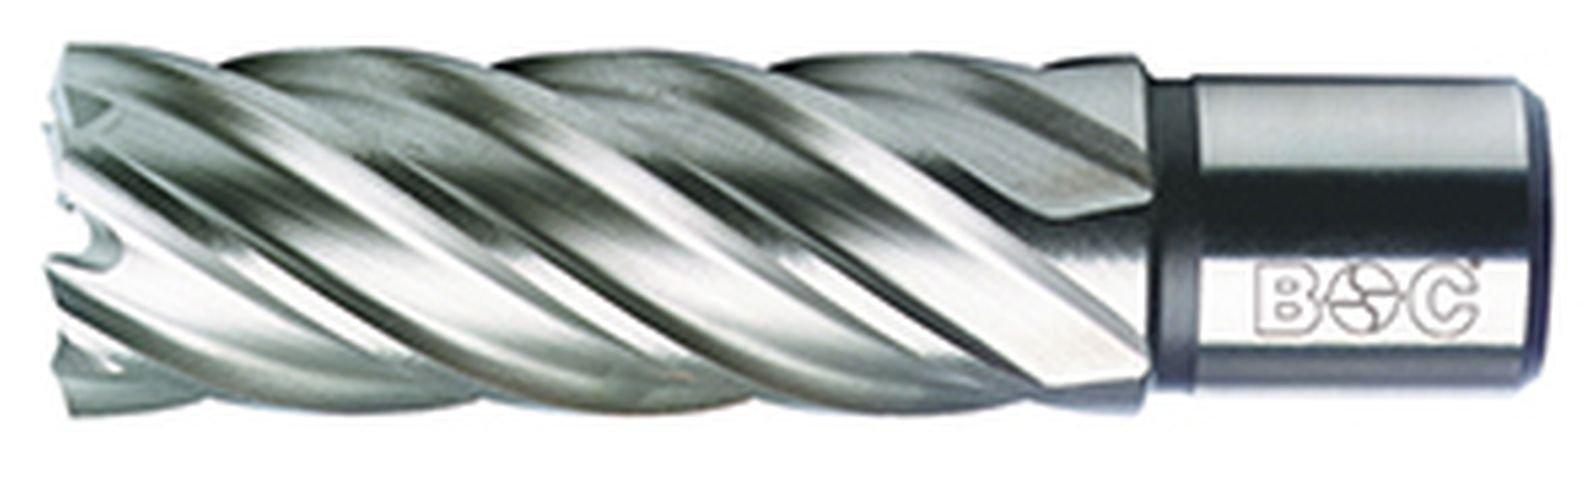 Bohrcraft-Kernbohrer-HSS-mit-Weldonschaft-34-Zoll-210-x-50-mm-Schnitttiefe-in-QuadroPack-1-Stck-19500302150